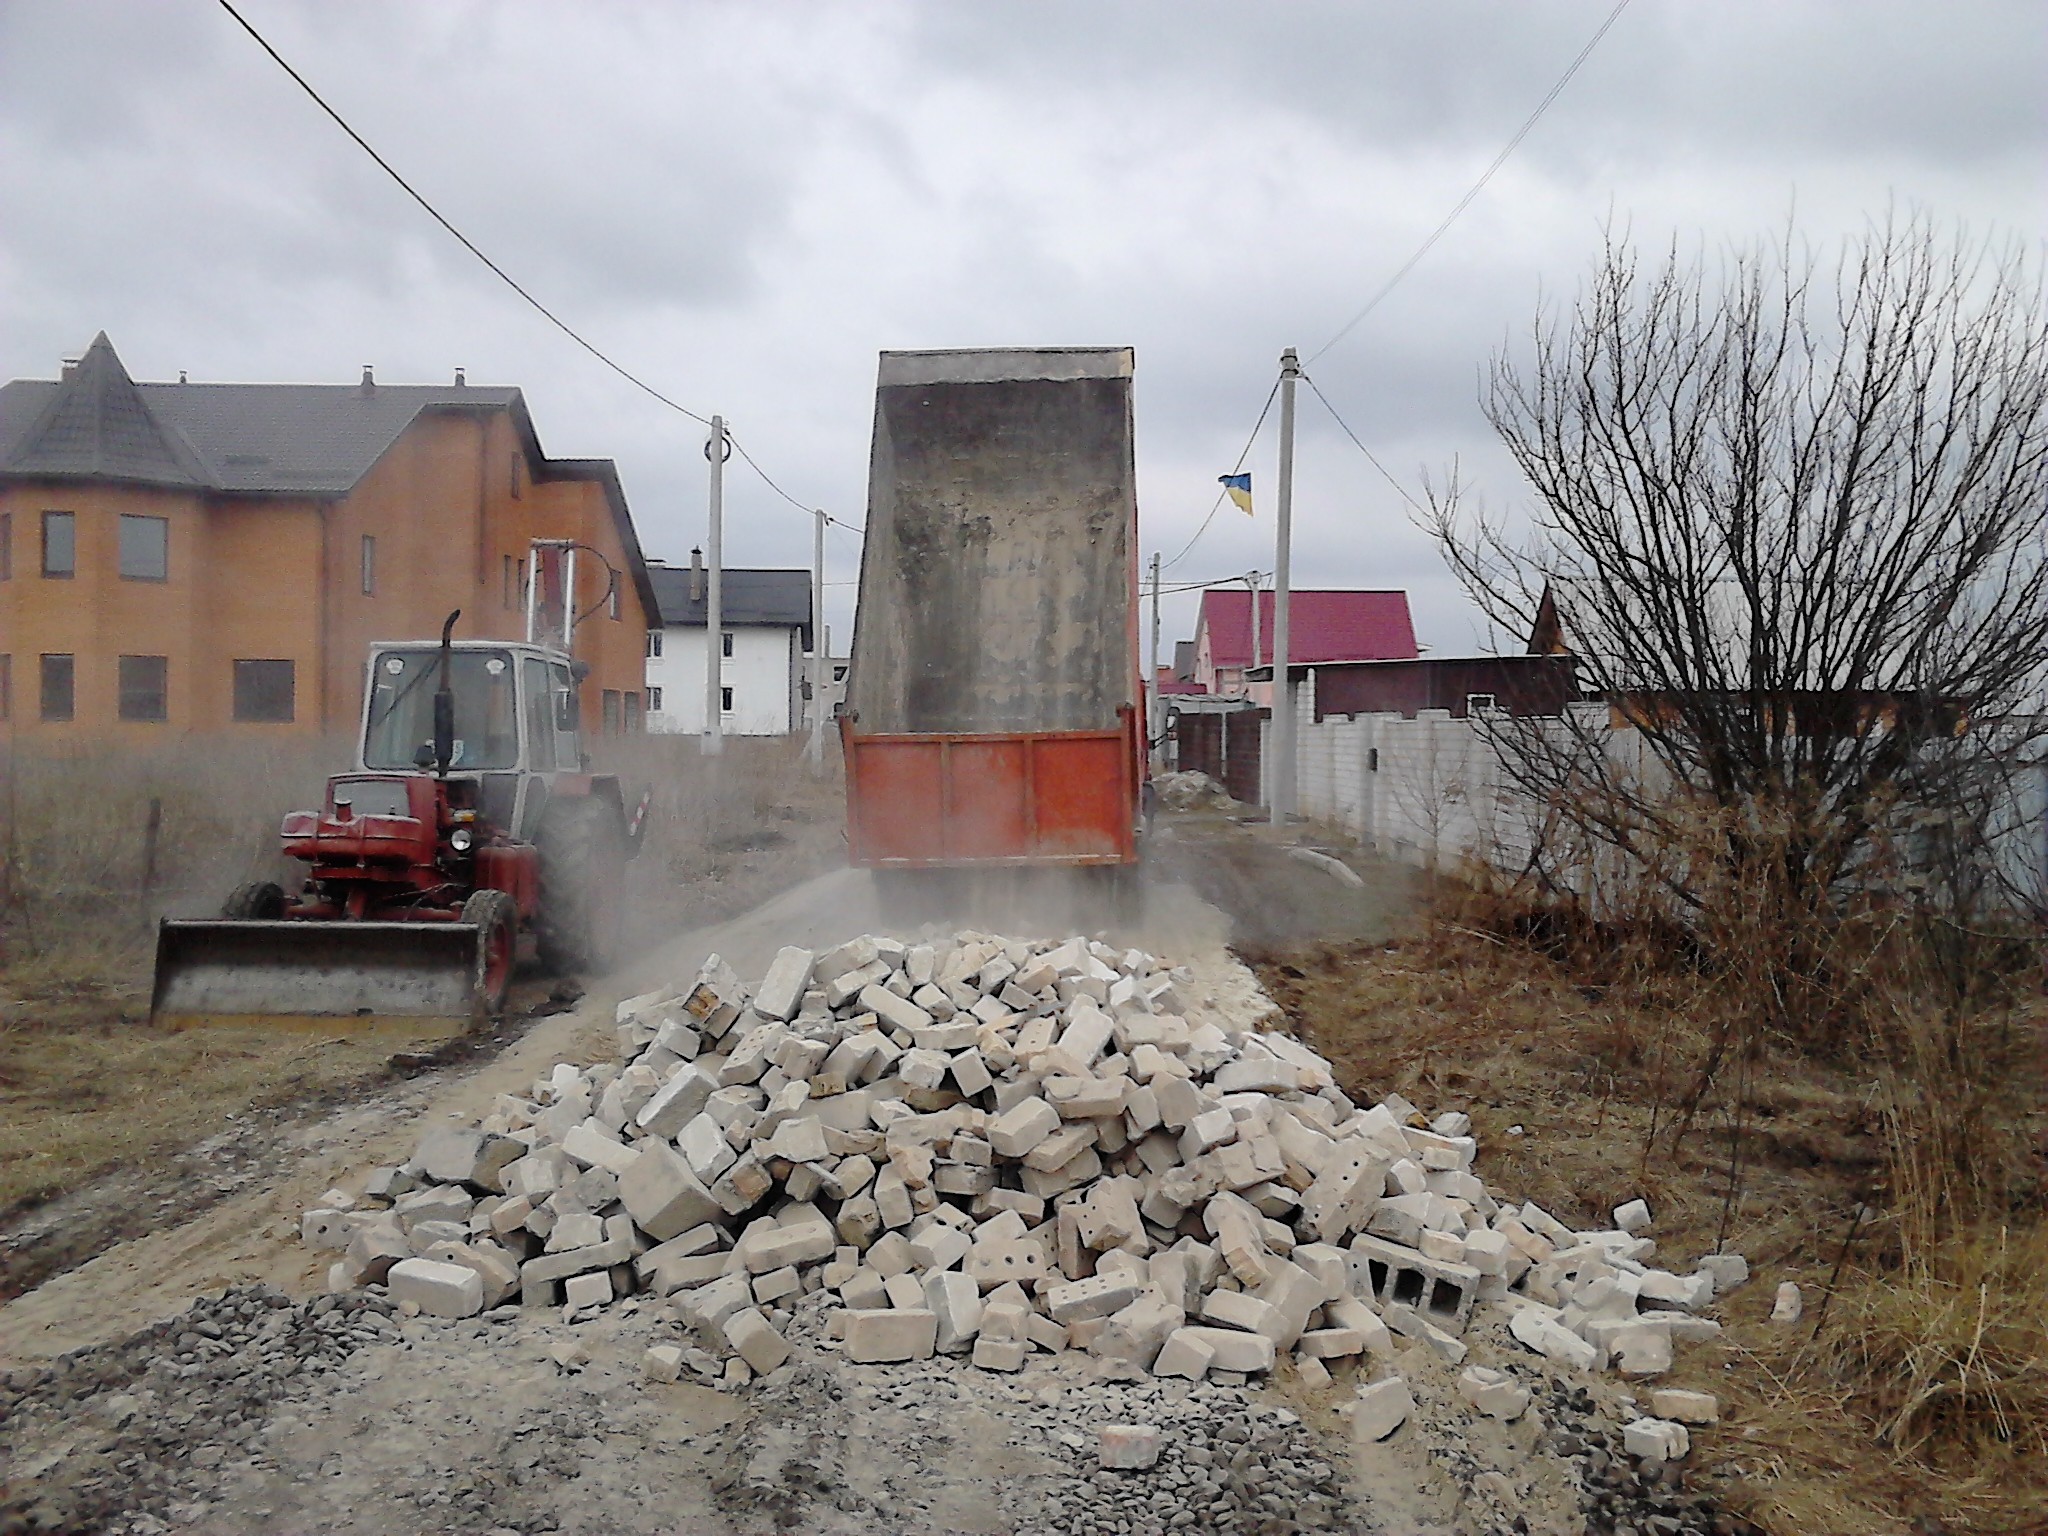 Продам строительный мусор Киев. Доставка строймусора Киев.